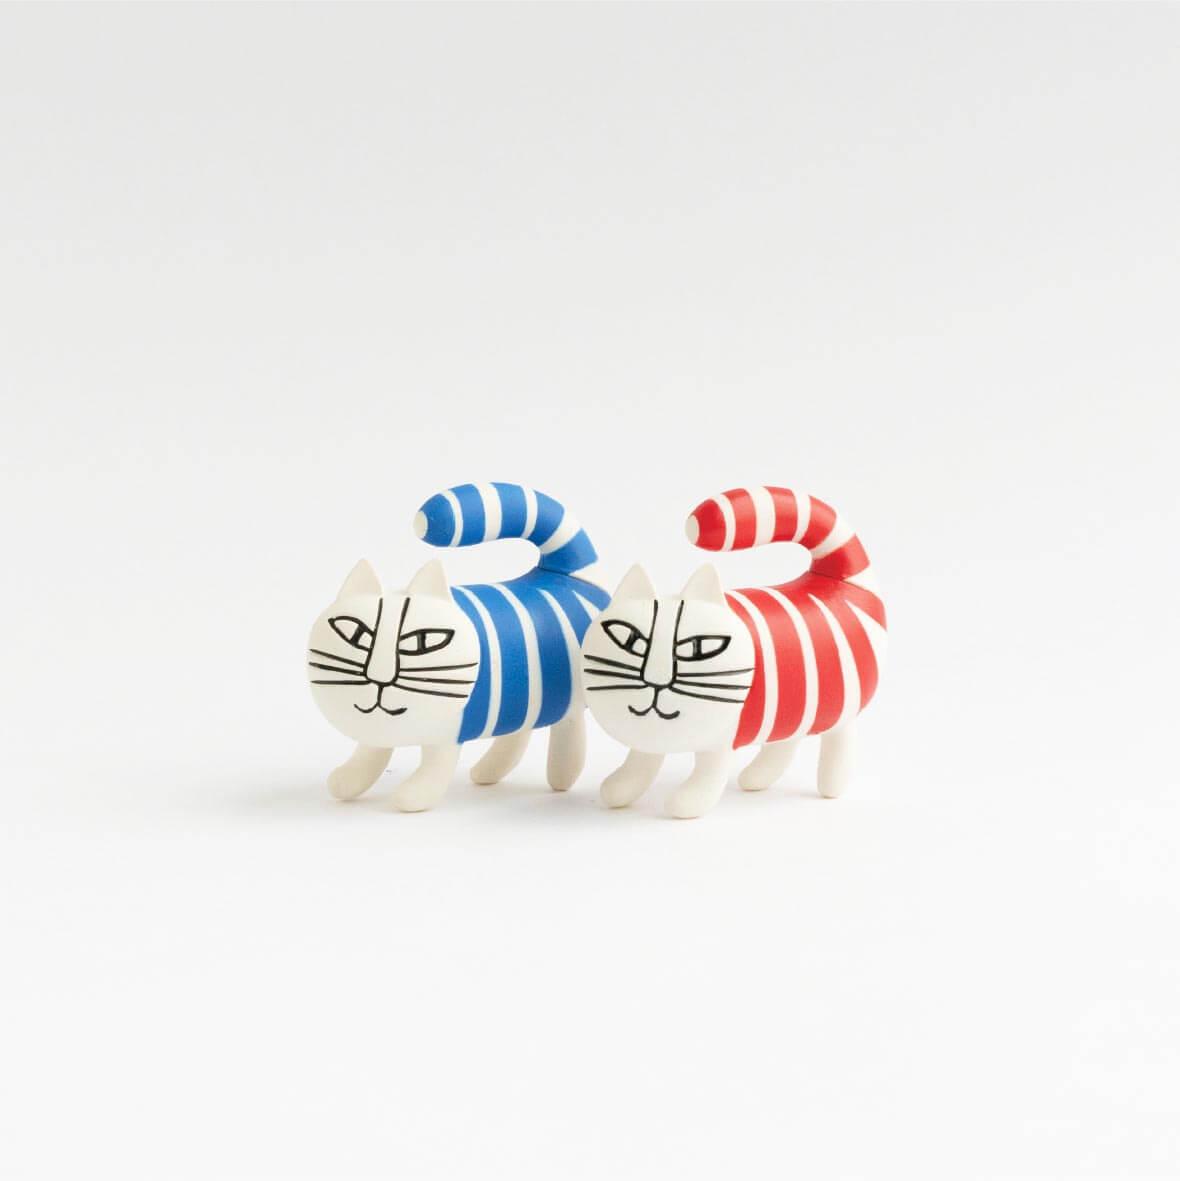 猫のマイキーのカプセルフィギュア by 海洋堂のフィギュア「ミニチュアファブリカ」